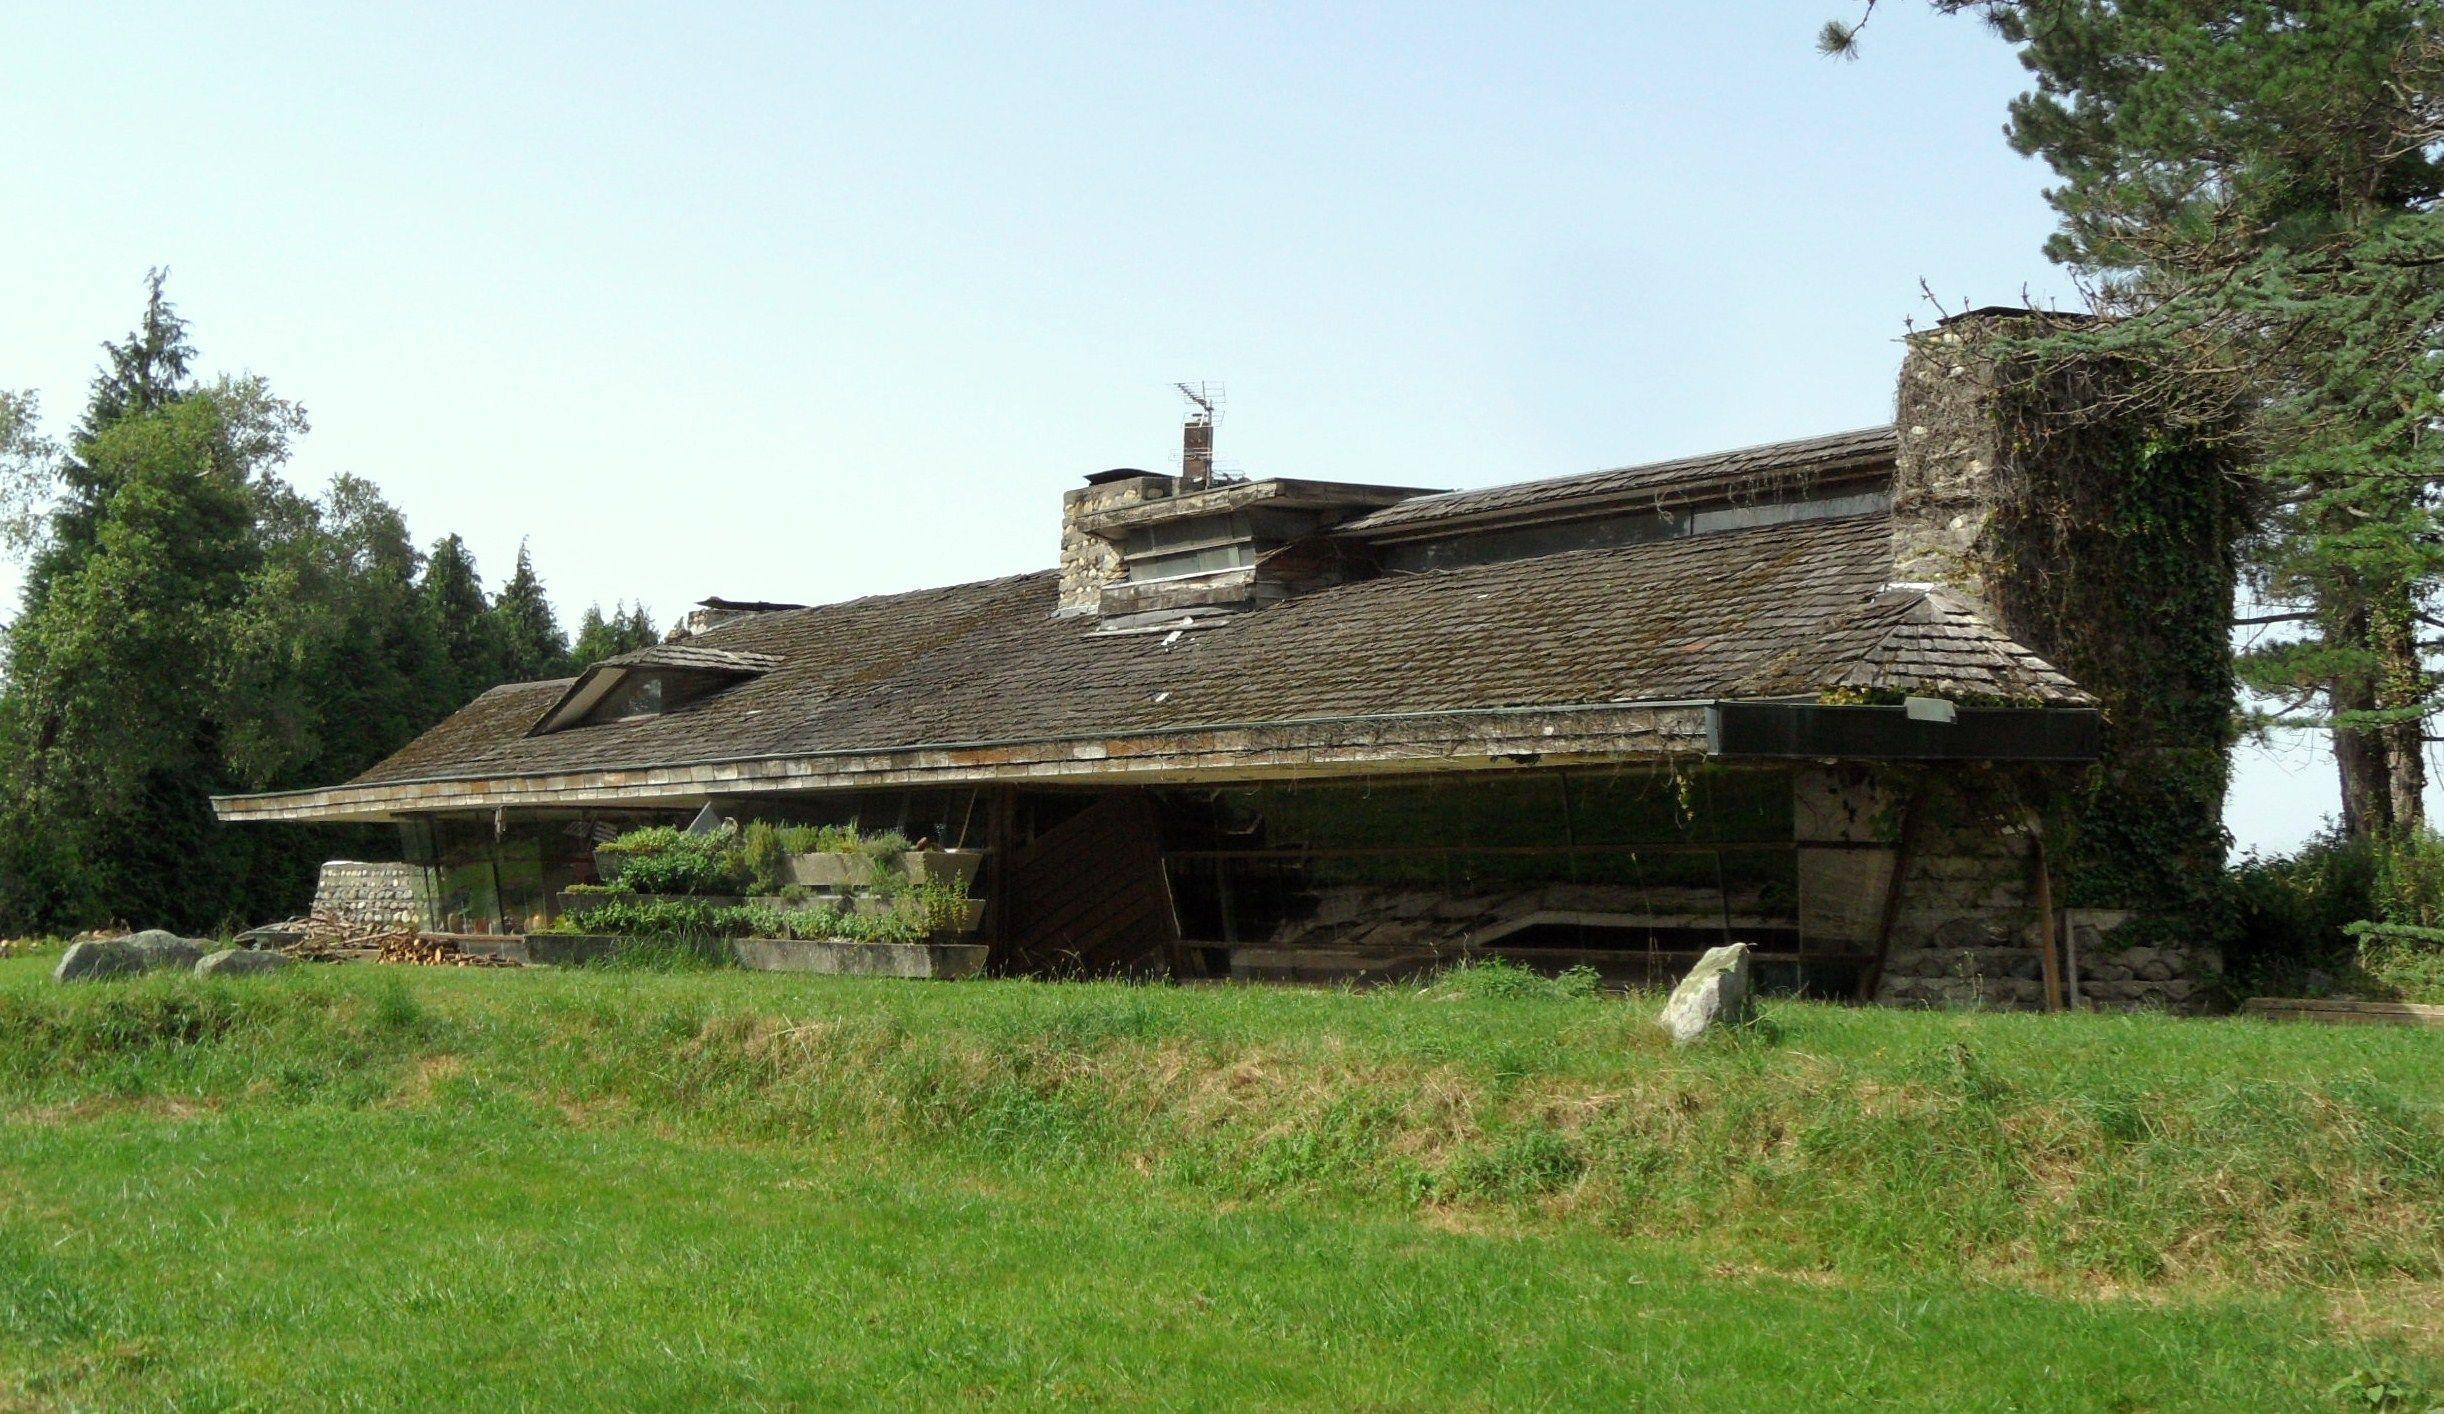 Maison de l architecte Edmond Lay Midi Pyrénées France © DR